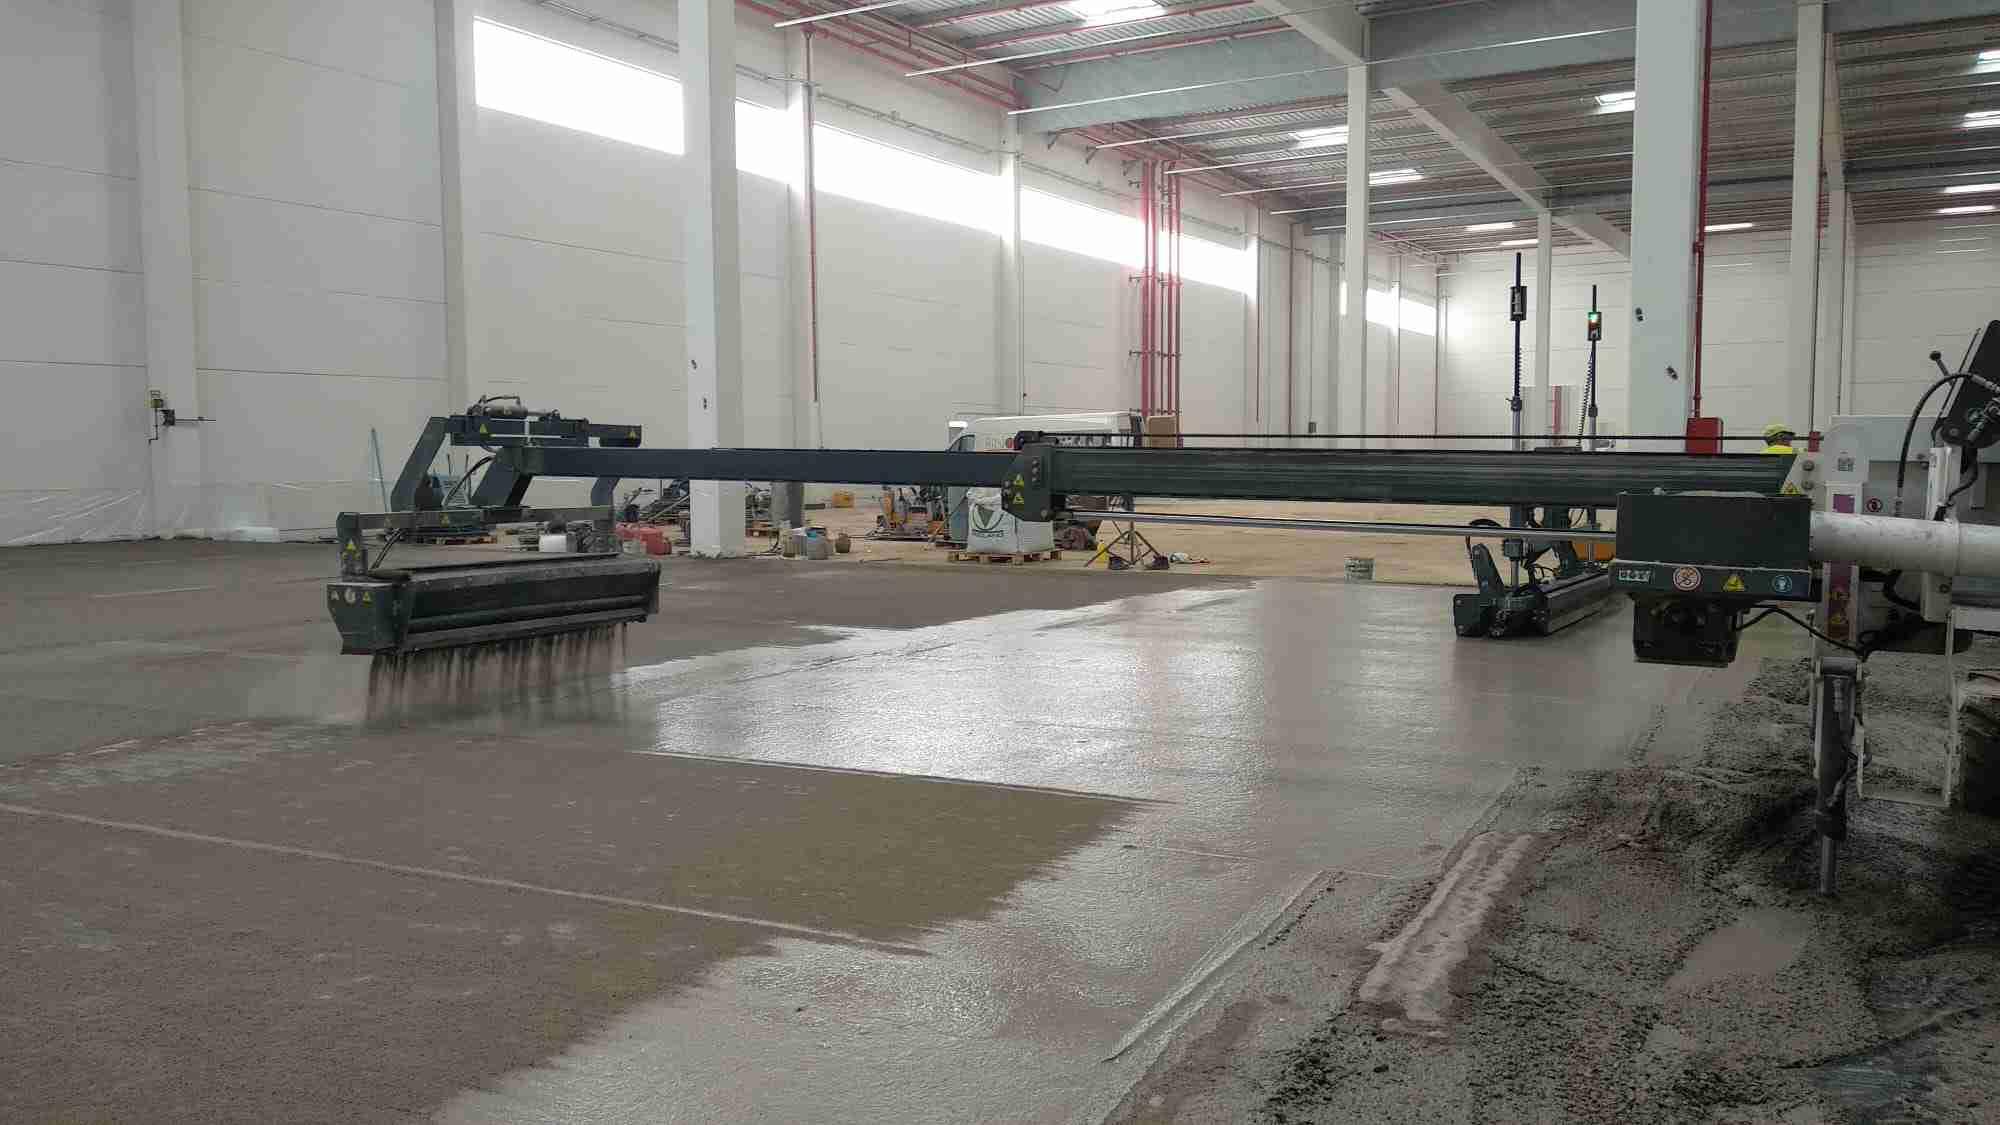 Cemex suministra 12.000 m3 de hormigón para una nave nueva en Ontígola 5